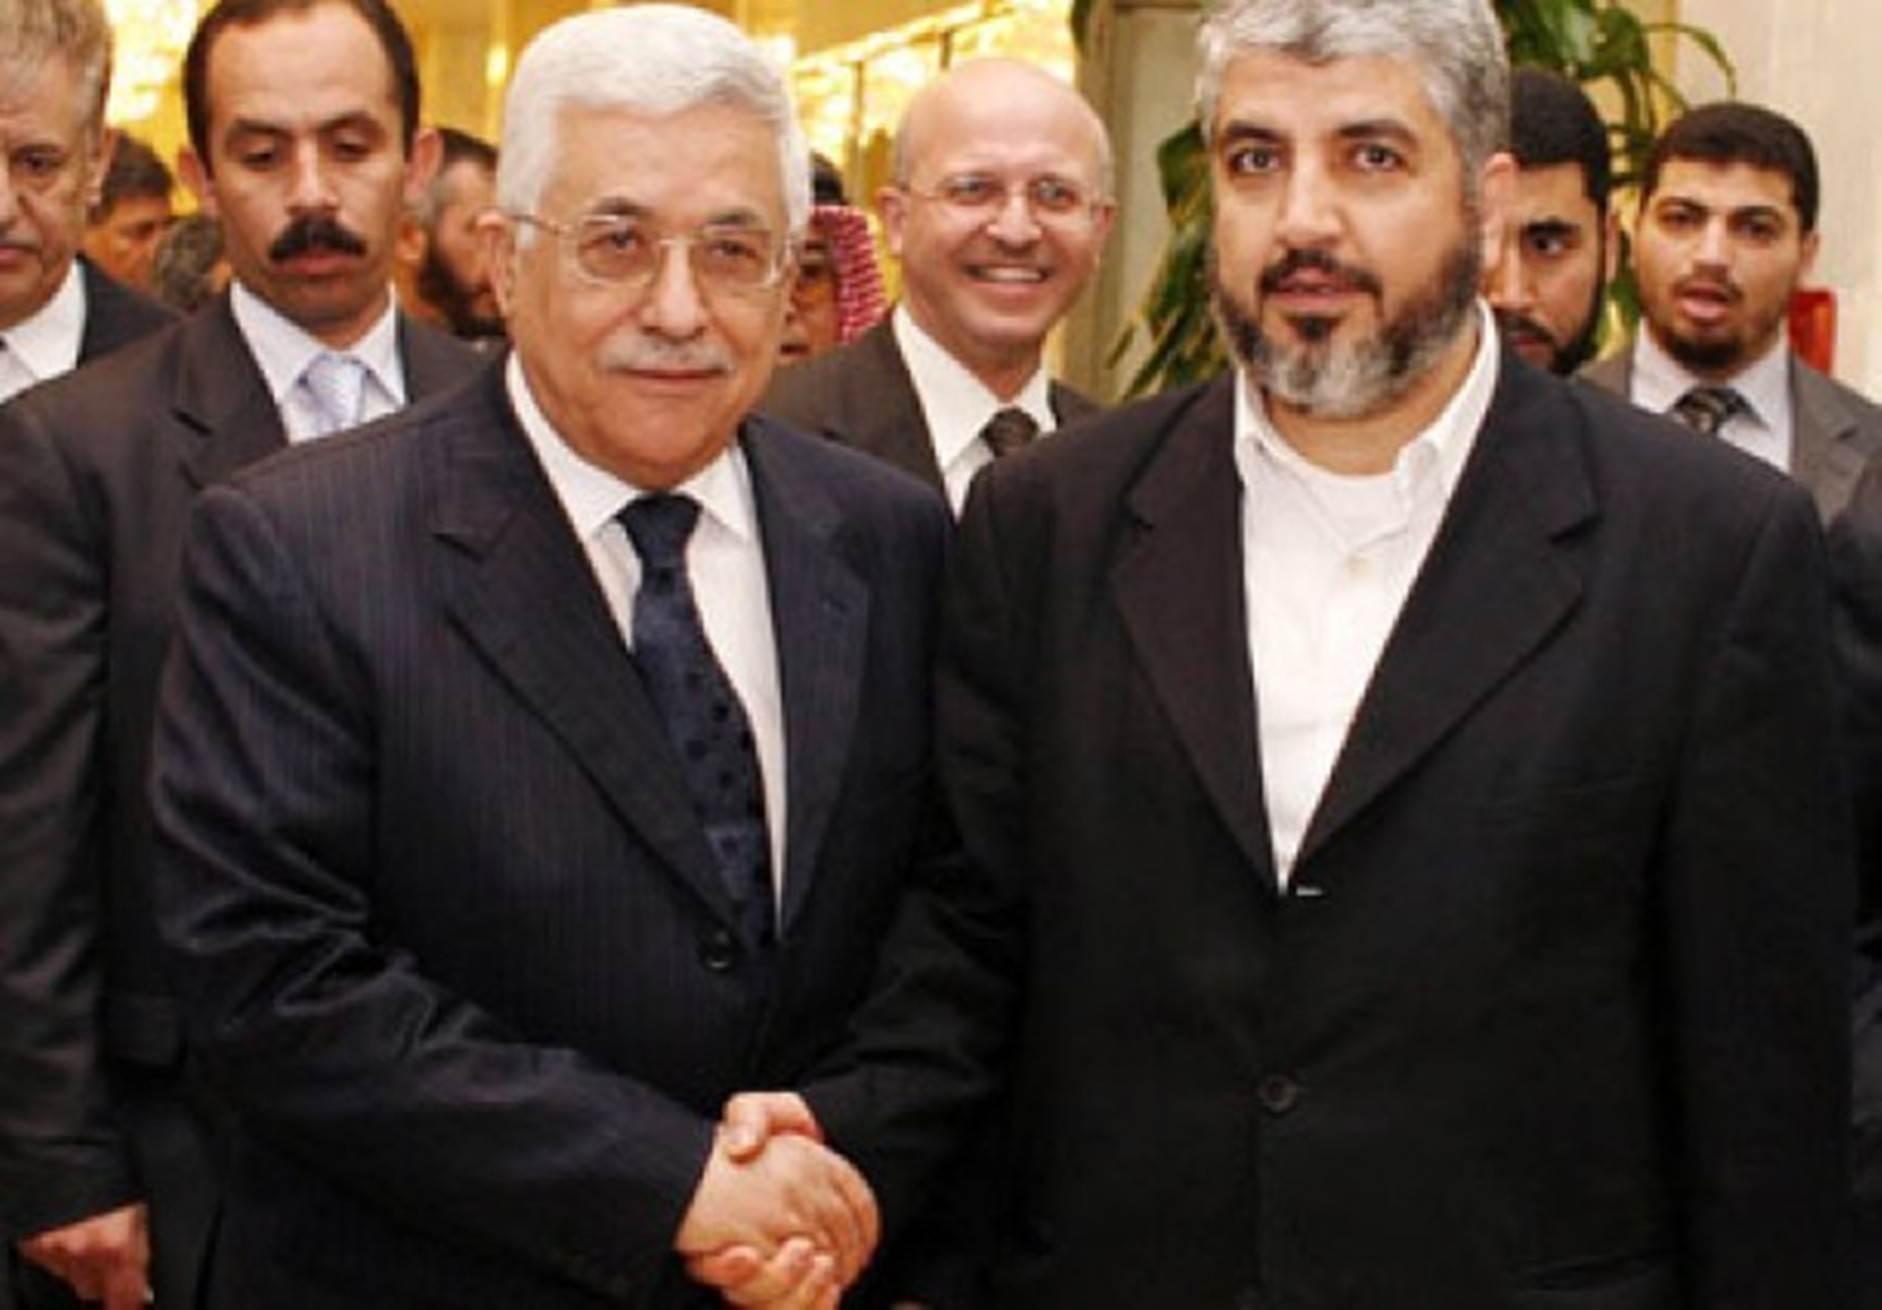 حماس وفتح ترفضان وساطة روسية للمصالحة وتتمسكان بالوسيط المصري